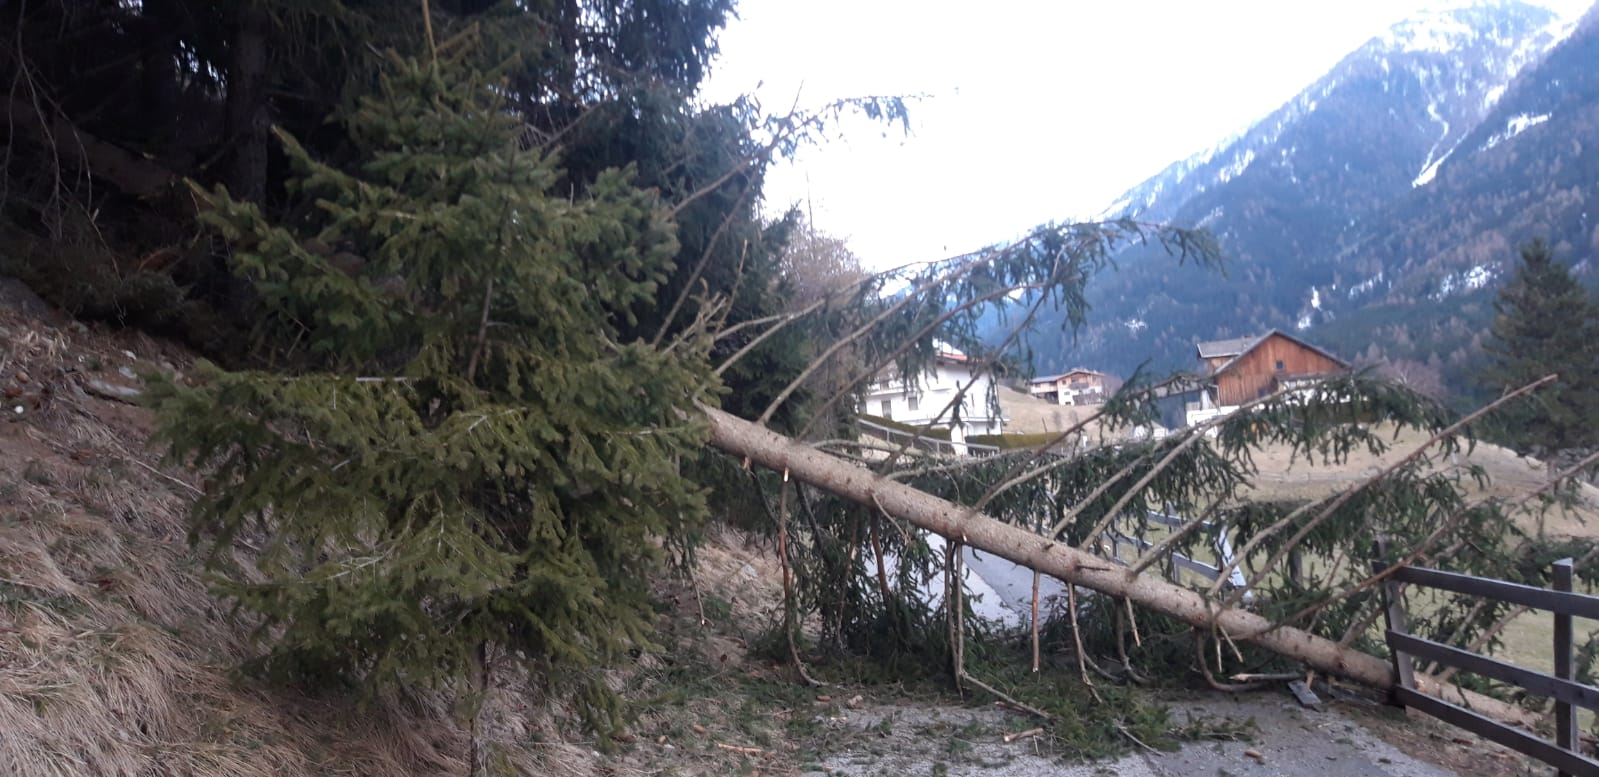 THL Eigenanforderung – Baum auf Strasse